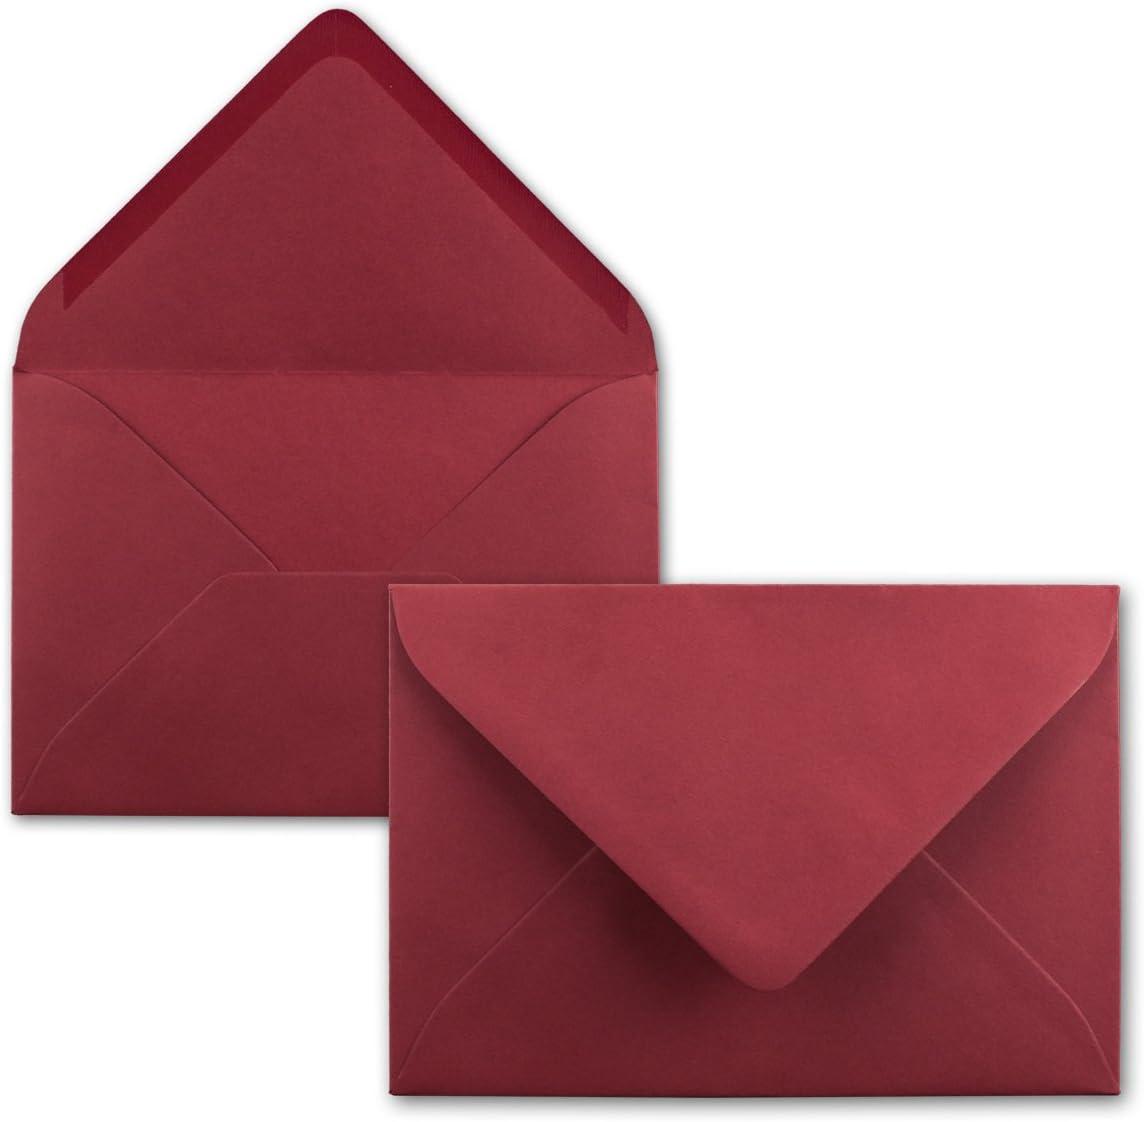 Kuverts mit Nassklebung ohne Fenster f/ür Gru/ß-Karten /& Einladungen DIN C6-114 x 162 mm 250 Brief-Umschl/äge Dunkel-Rot Serie FarbenFroh/®